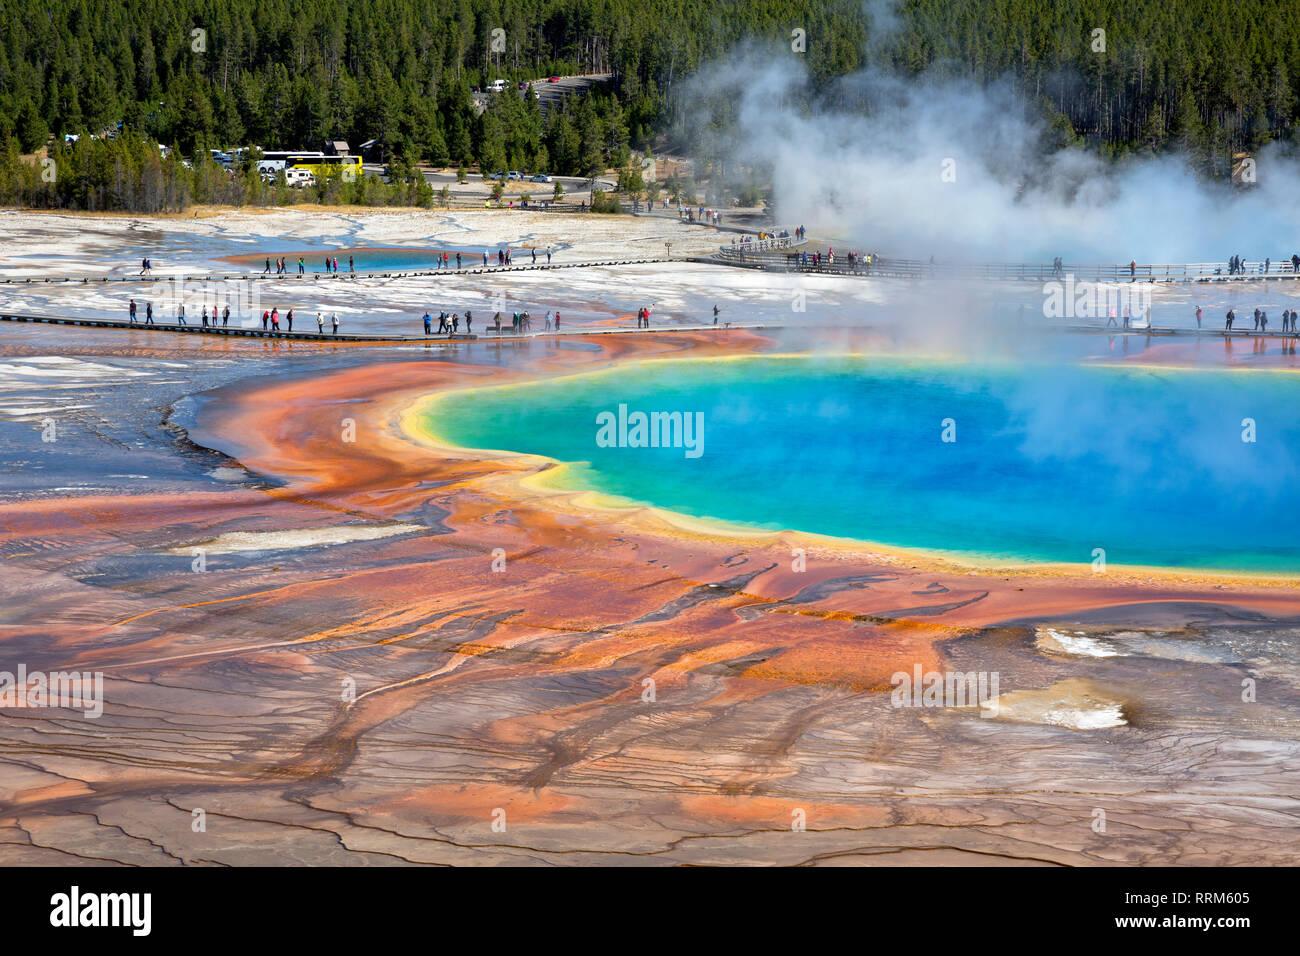 WY03856-00...Wyoming - El colorido Grand Prismatic Spring, en el Midway Geyser Basin del Parque Nacional de Yellowstone. Foto de stock